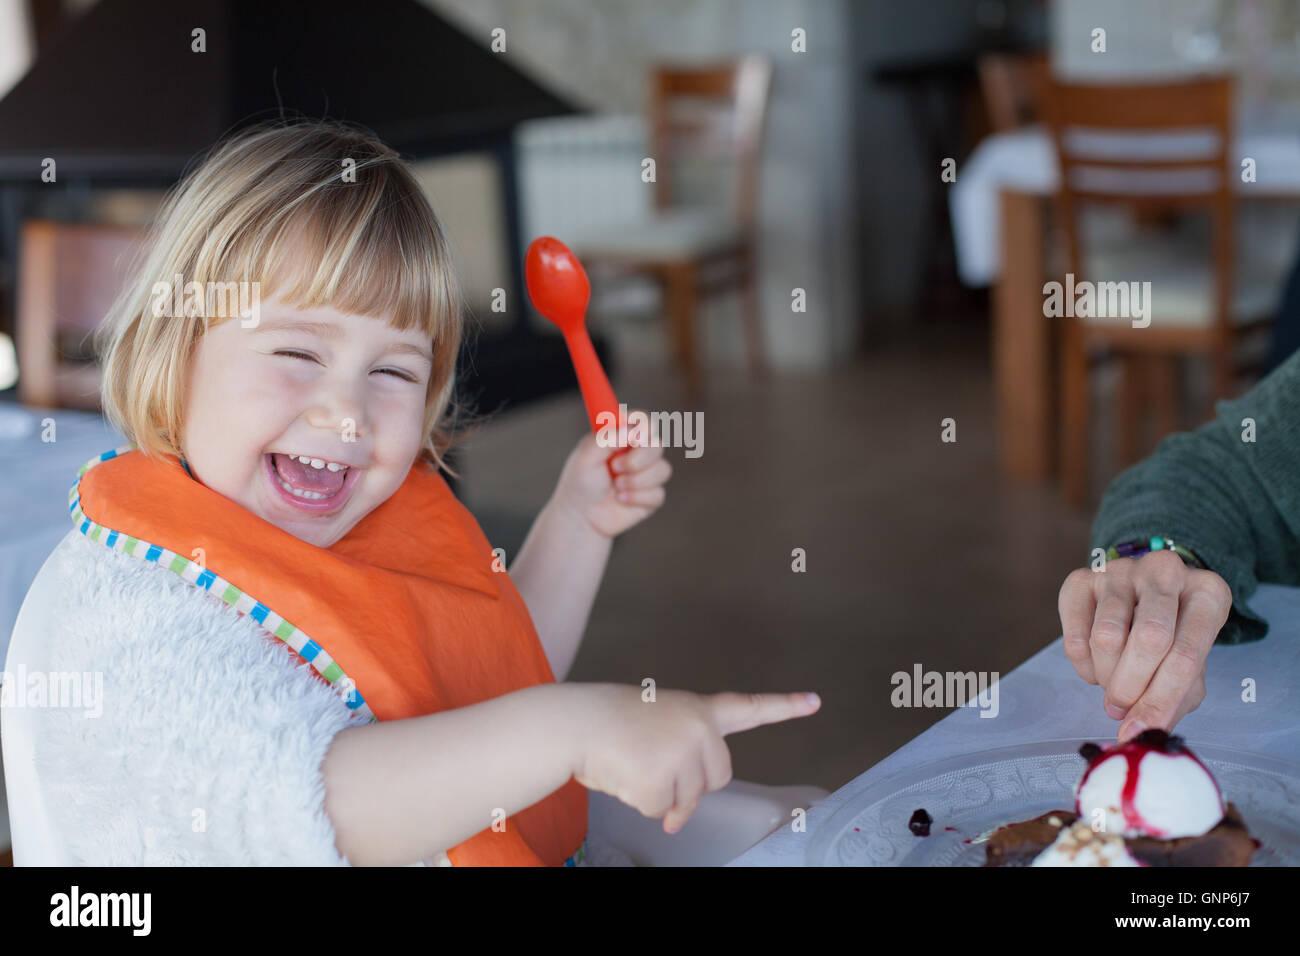 Deux ans drôle et heureux l'enfant avec cuillère en plastique orange et le bib de rire et de pointage Photo Stock